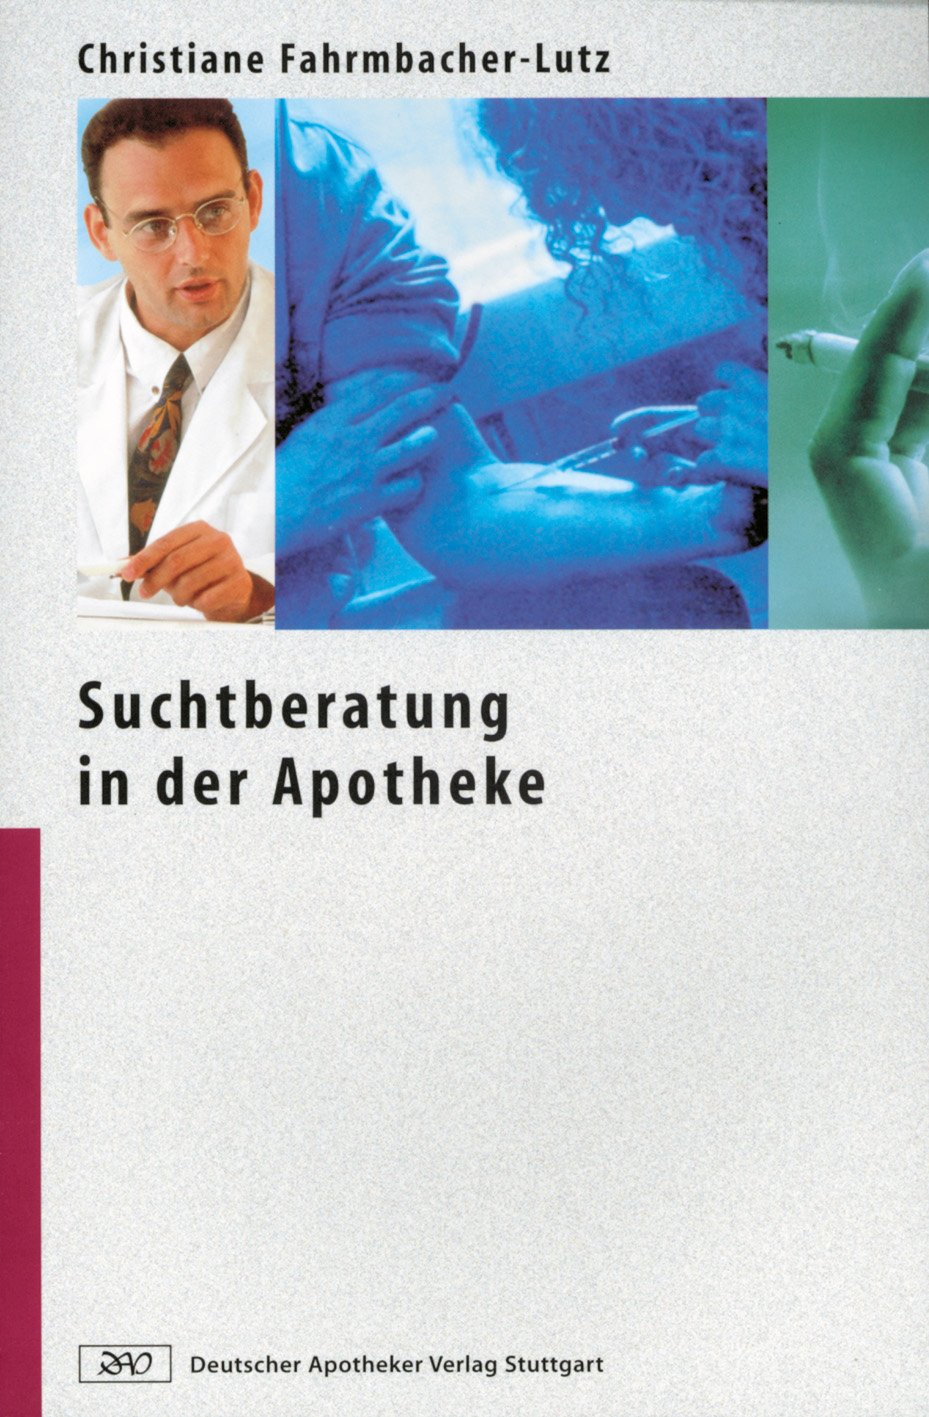 Suchtberatung in der Apotheke - Shop - Mediengruppe Deutscher ...